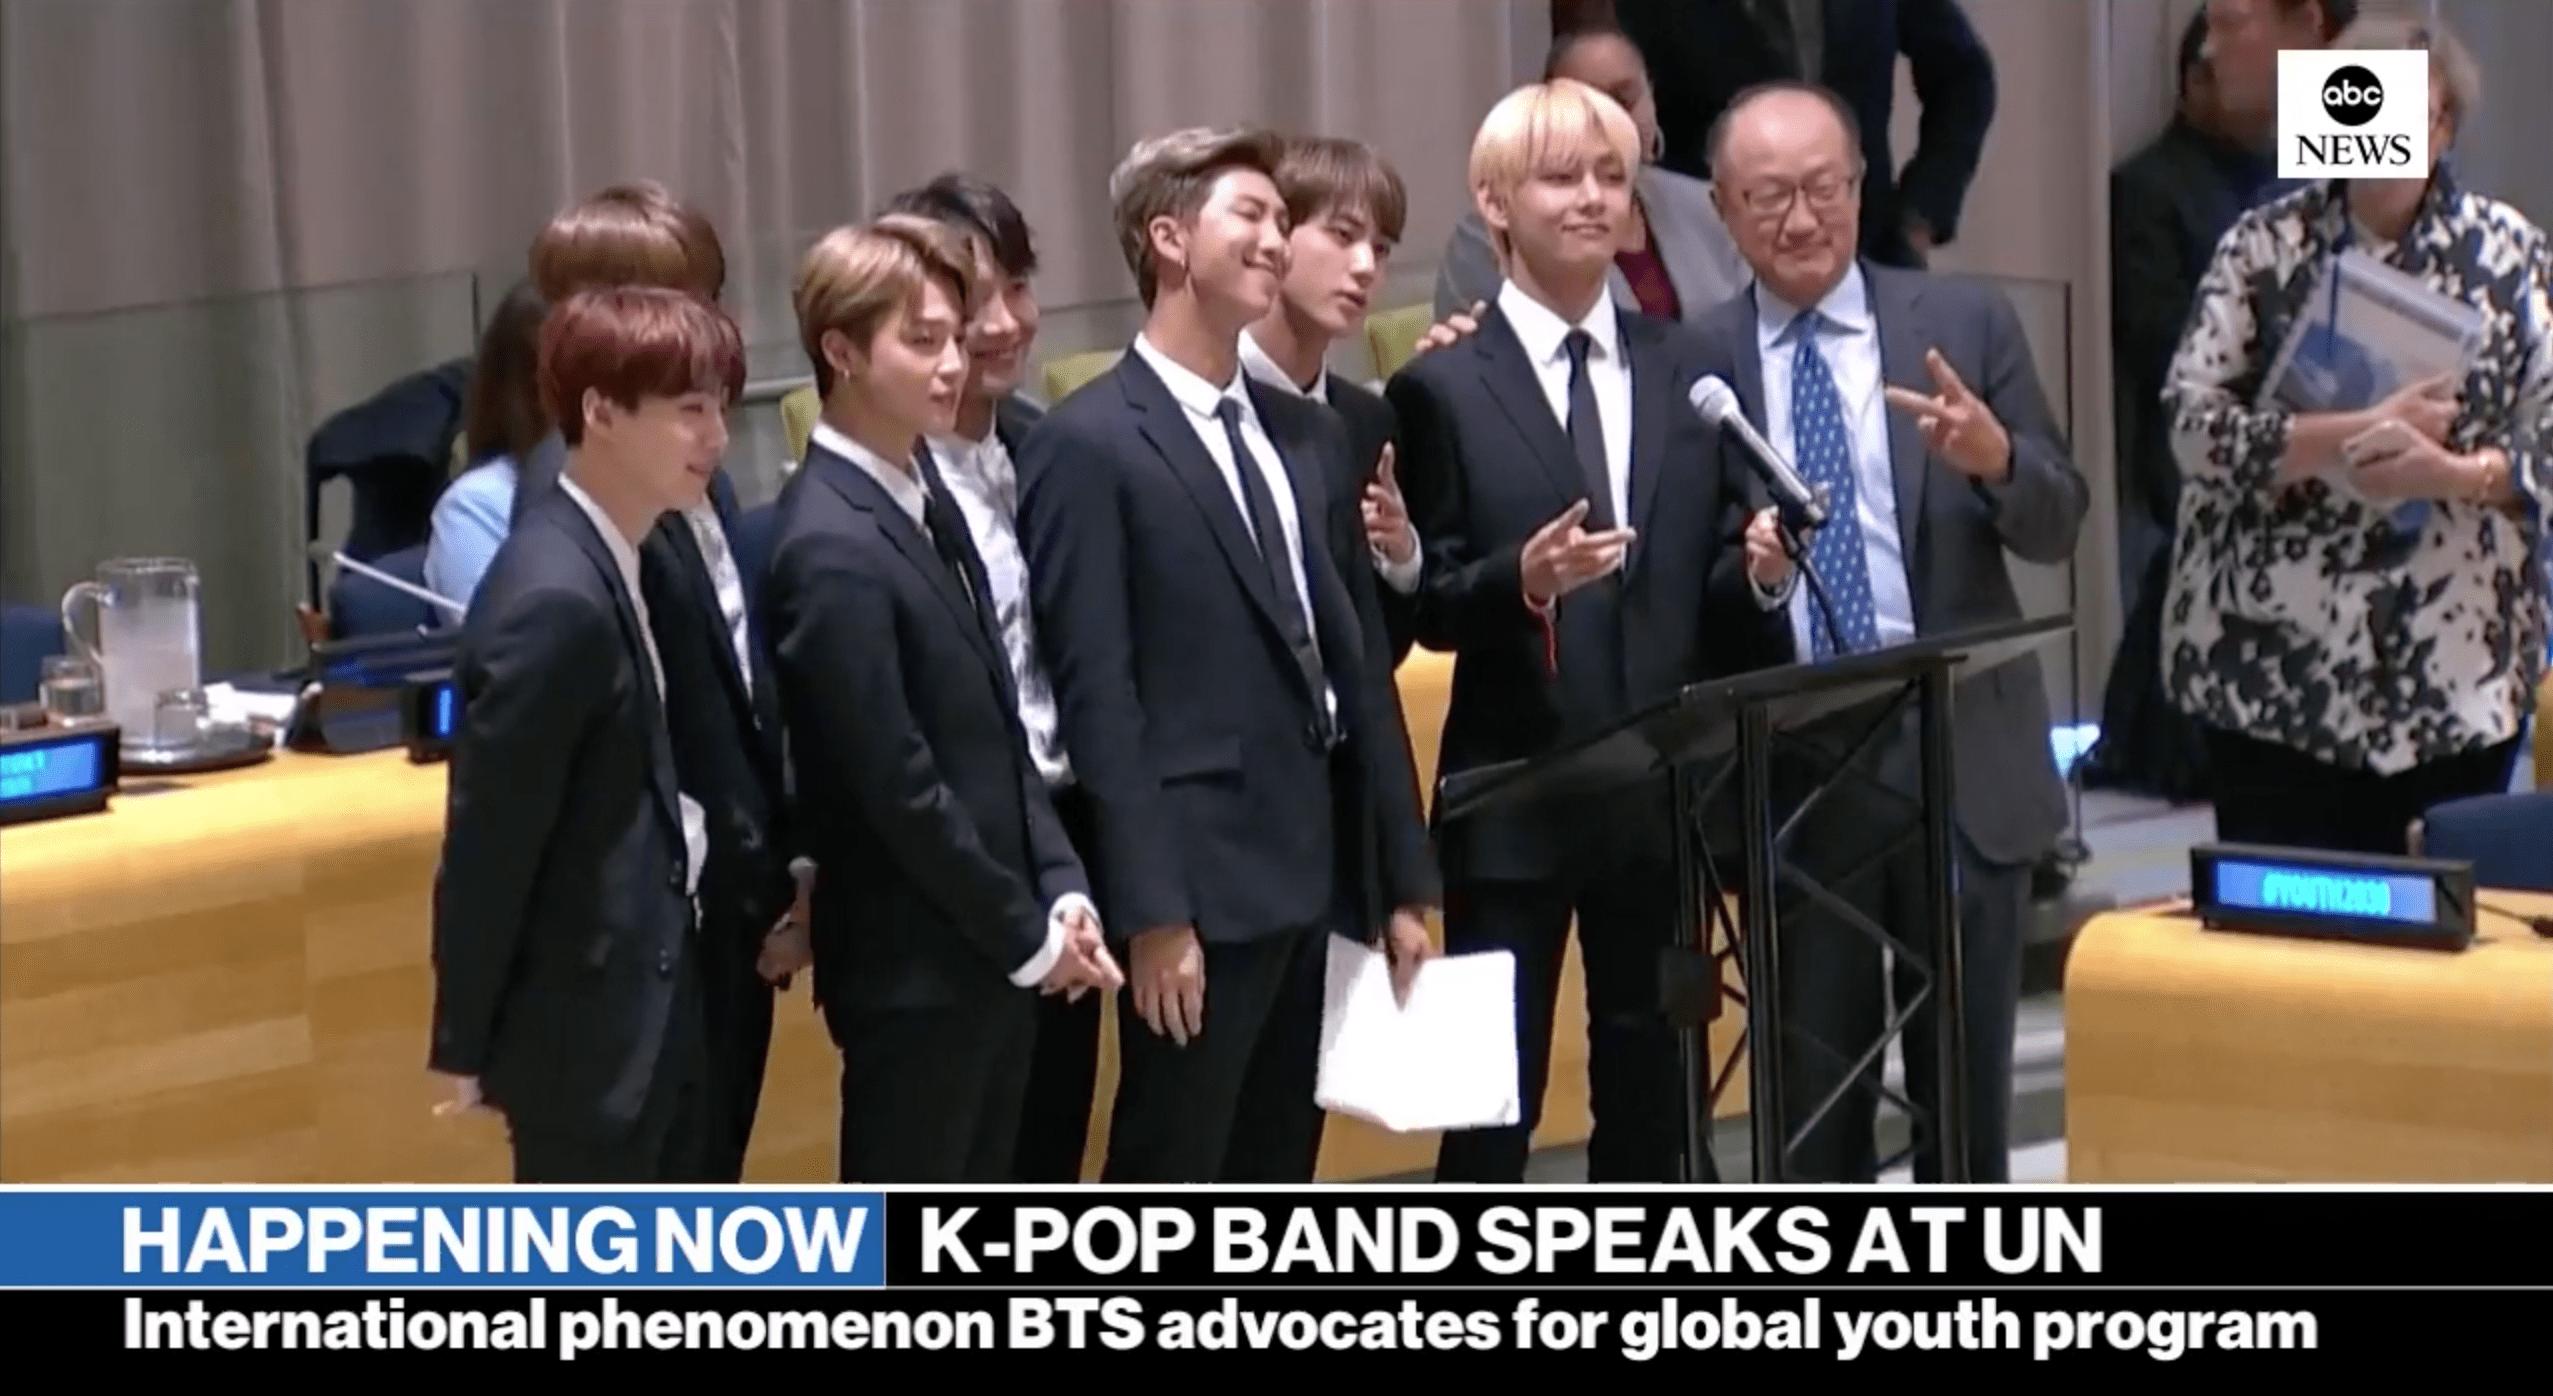 ประวัติศาสตร์ไอดอล! BTS กล่าวสุนทรพจน์ในที่ประชุมสหประชาชาติ